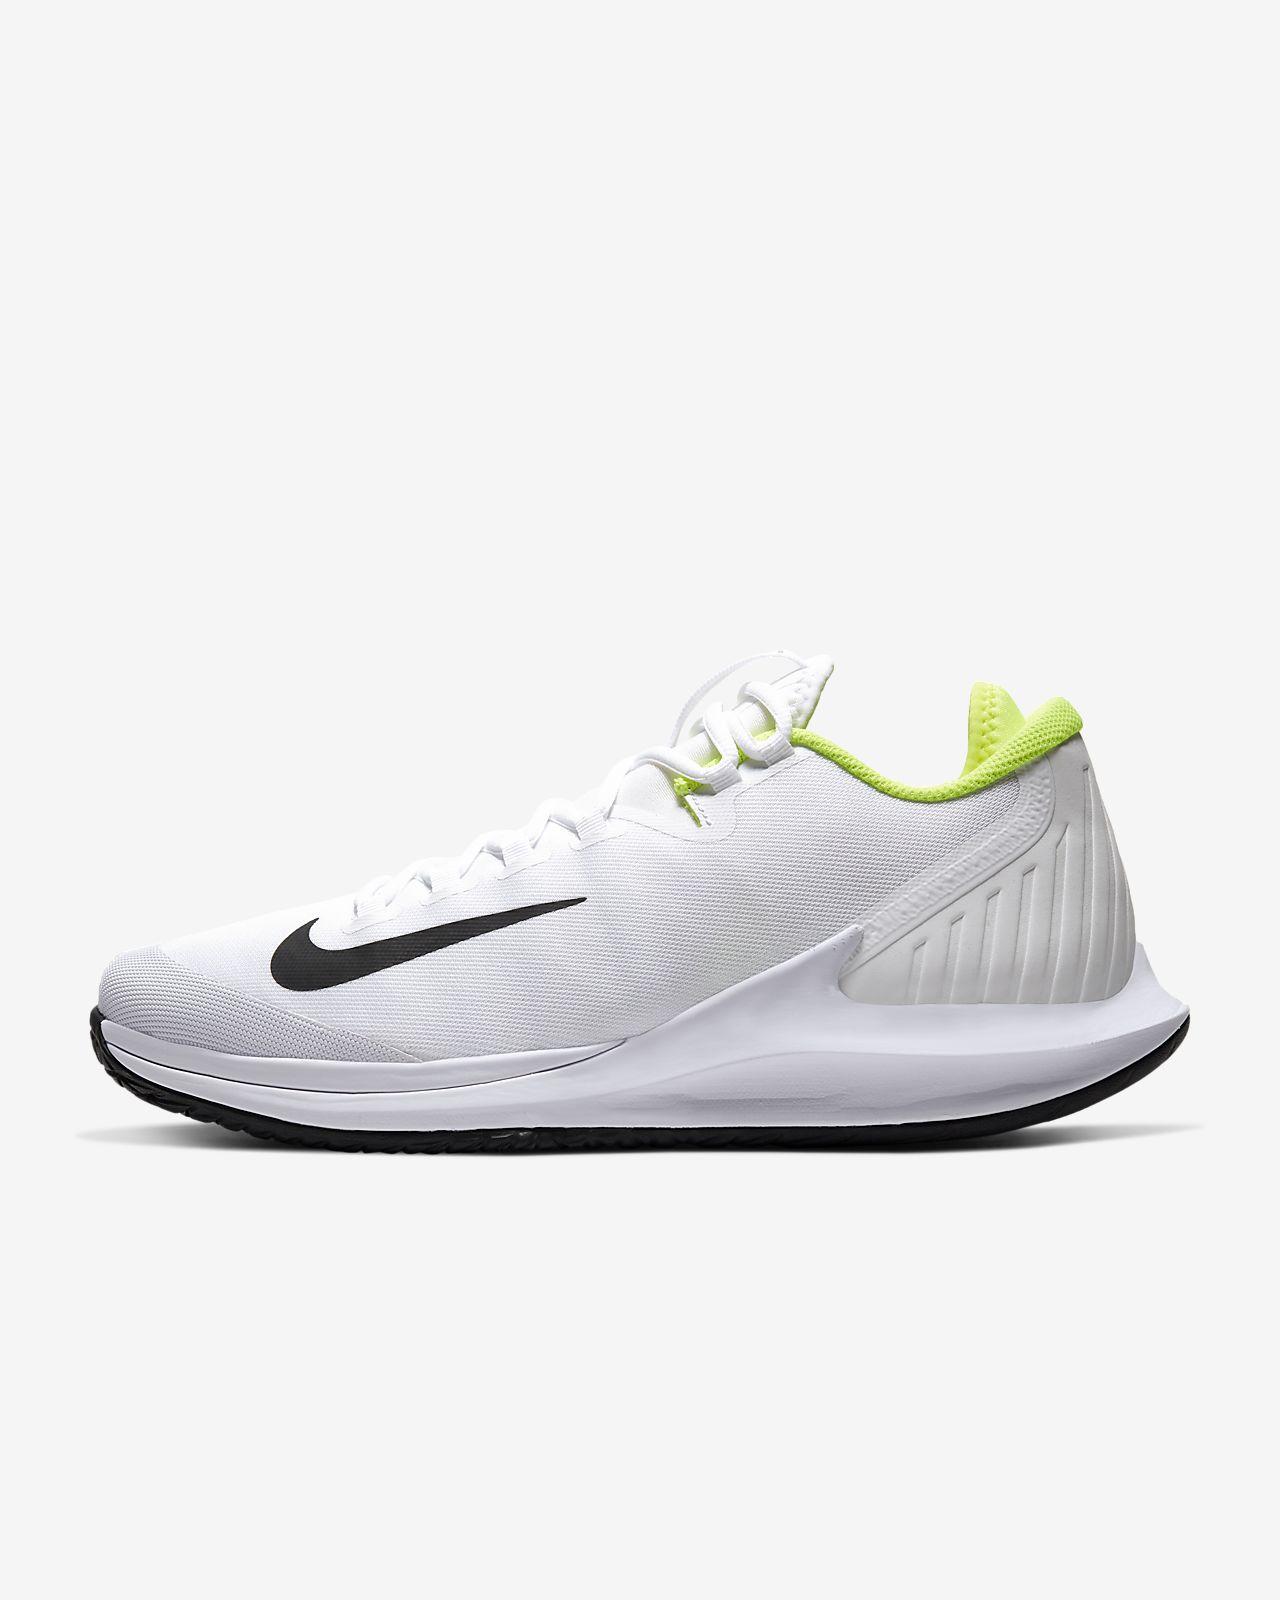 NikeCourt Air Zoom Zero Herren Tennisschuh